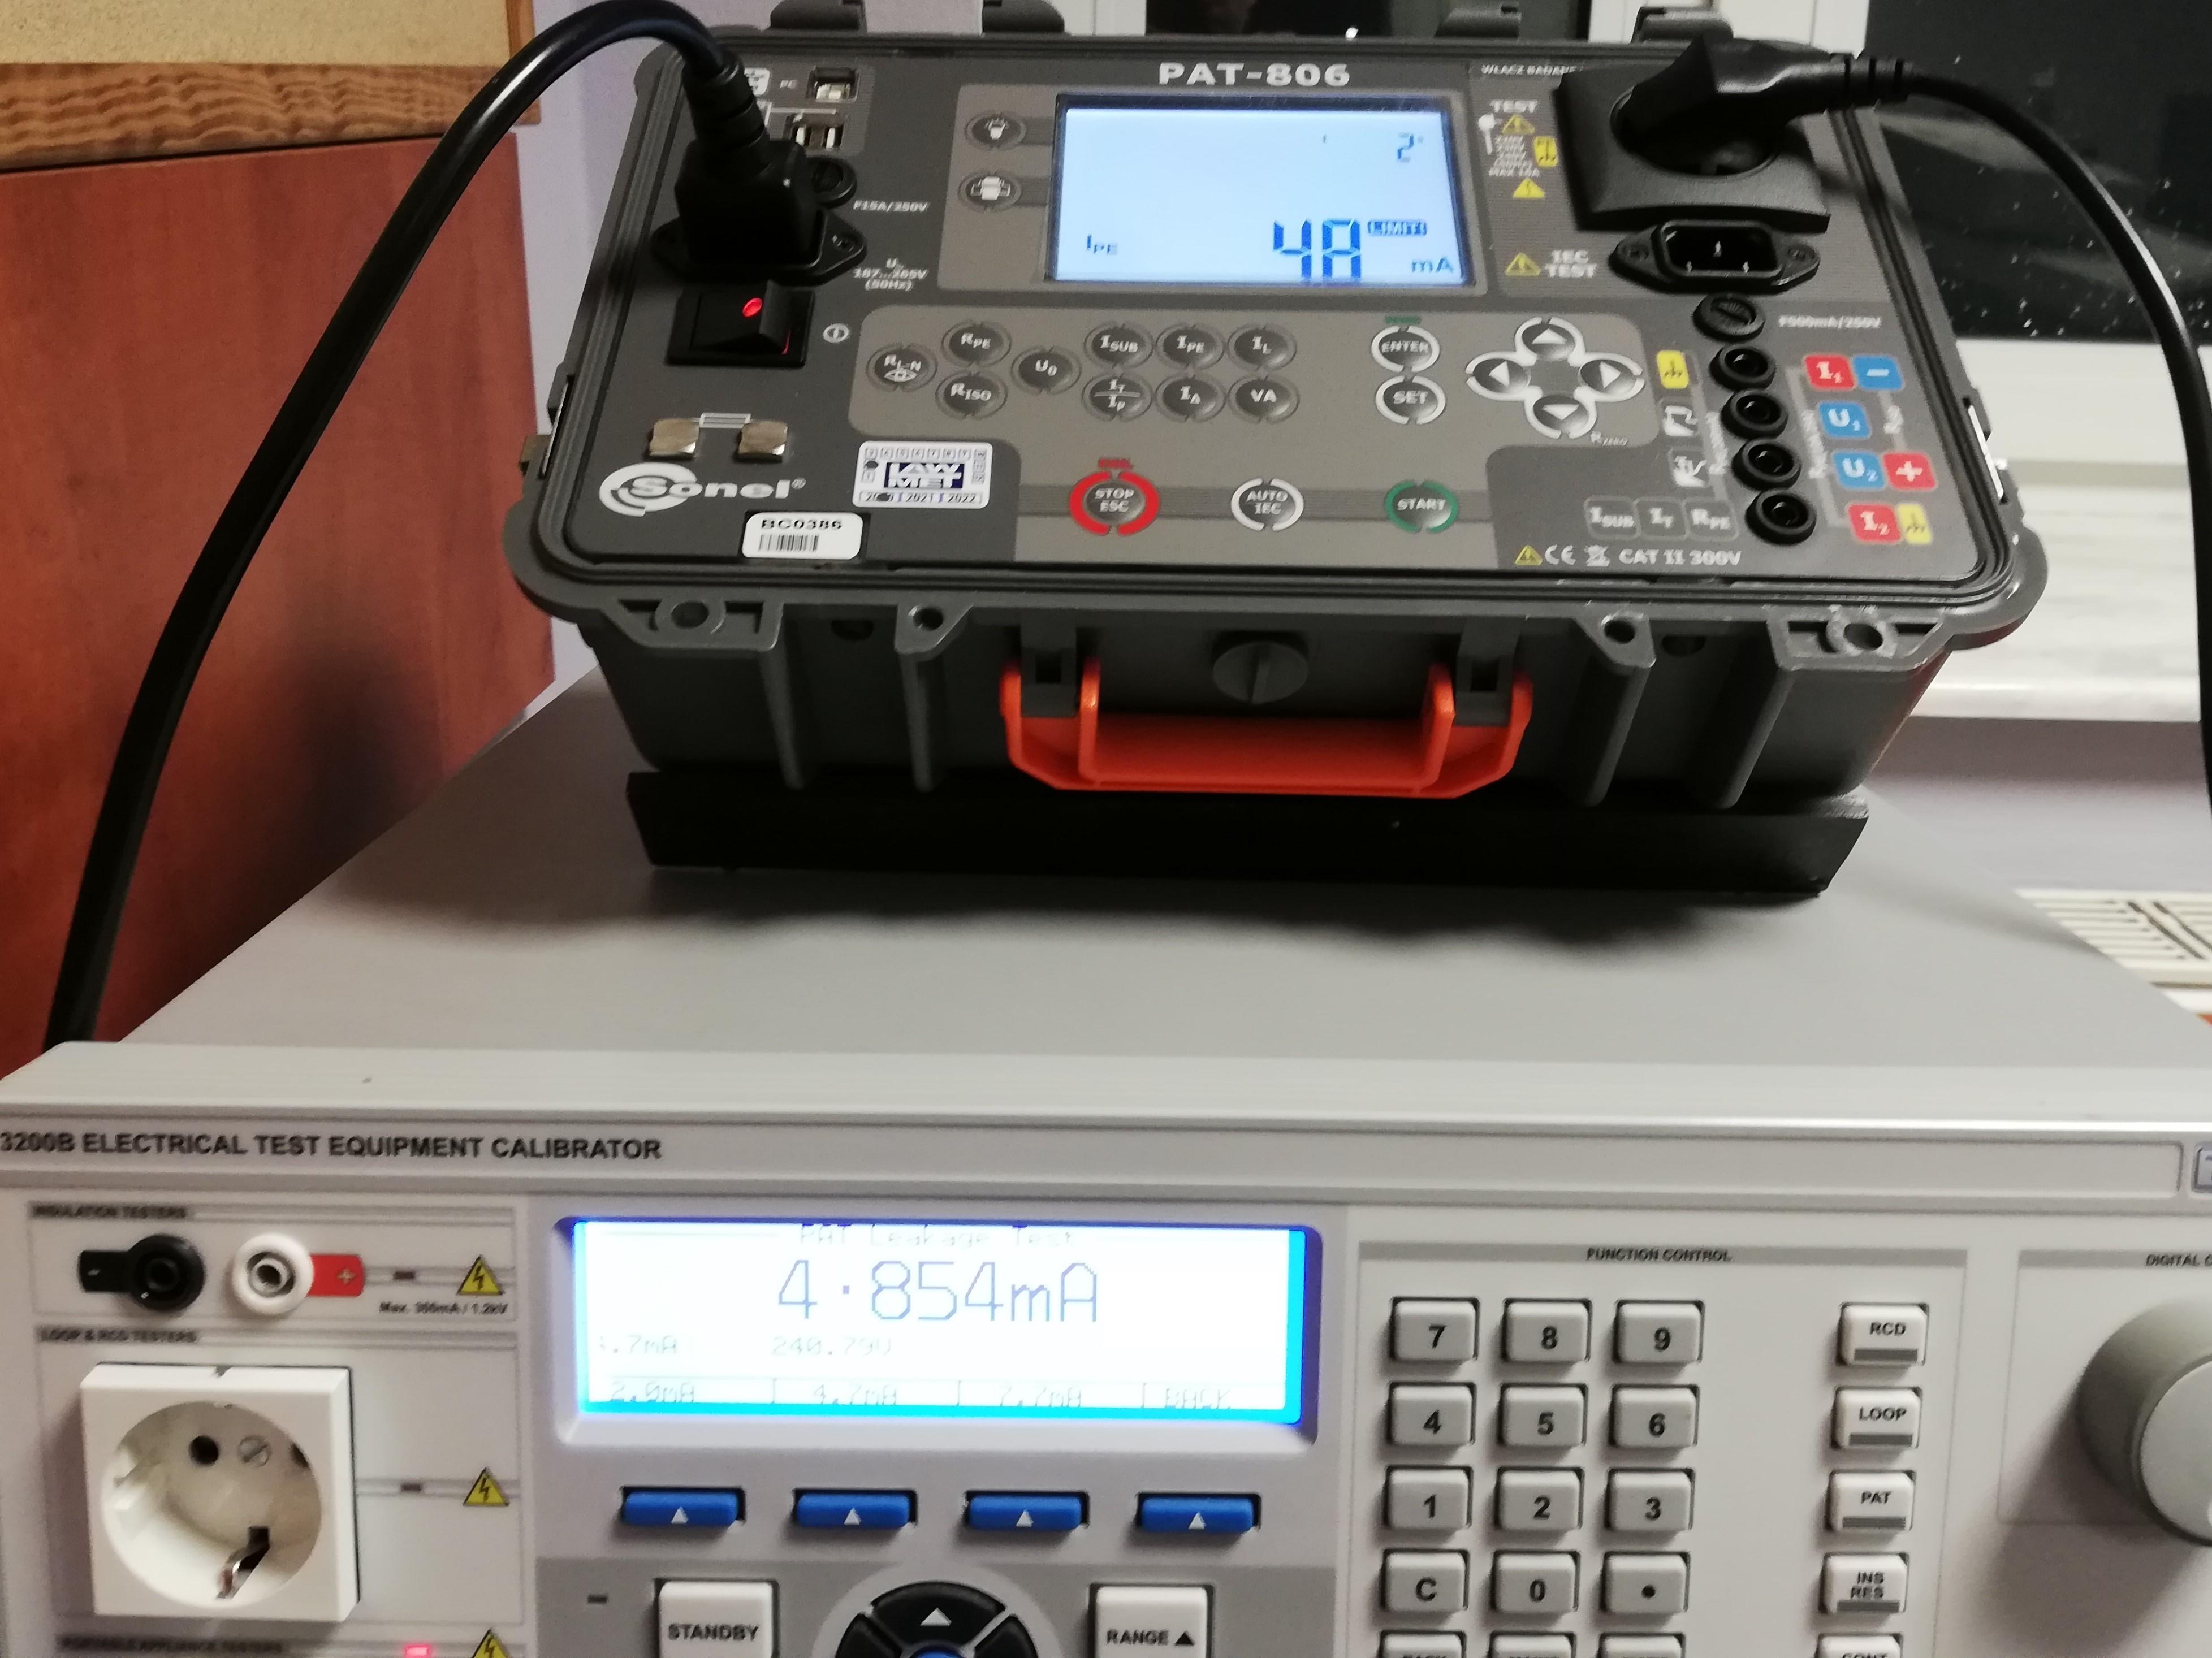 Wzorcowanie / kalibracja mierników bezpieczeństwa sprzętu elektrycznego